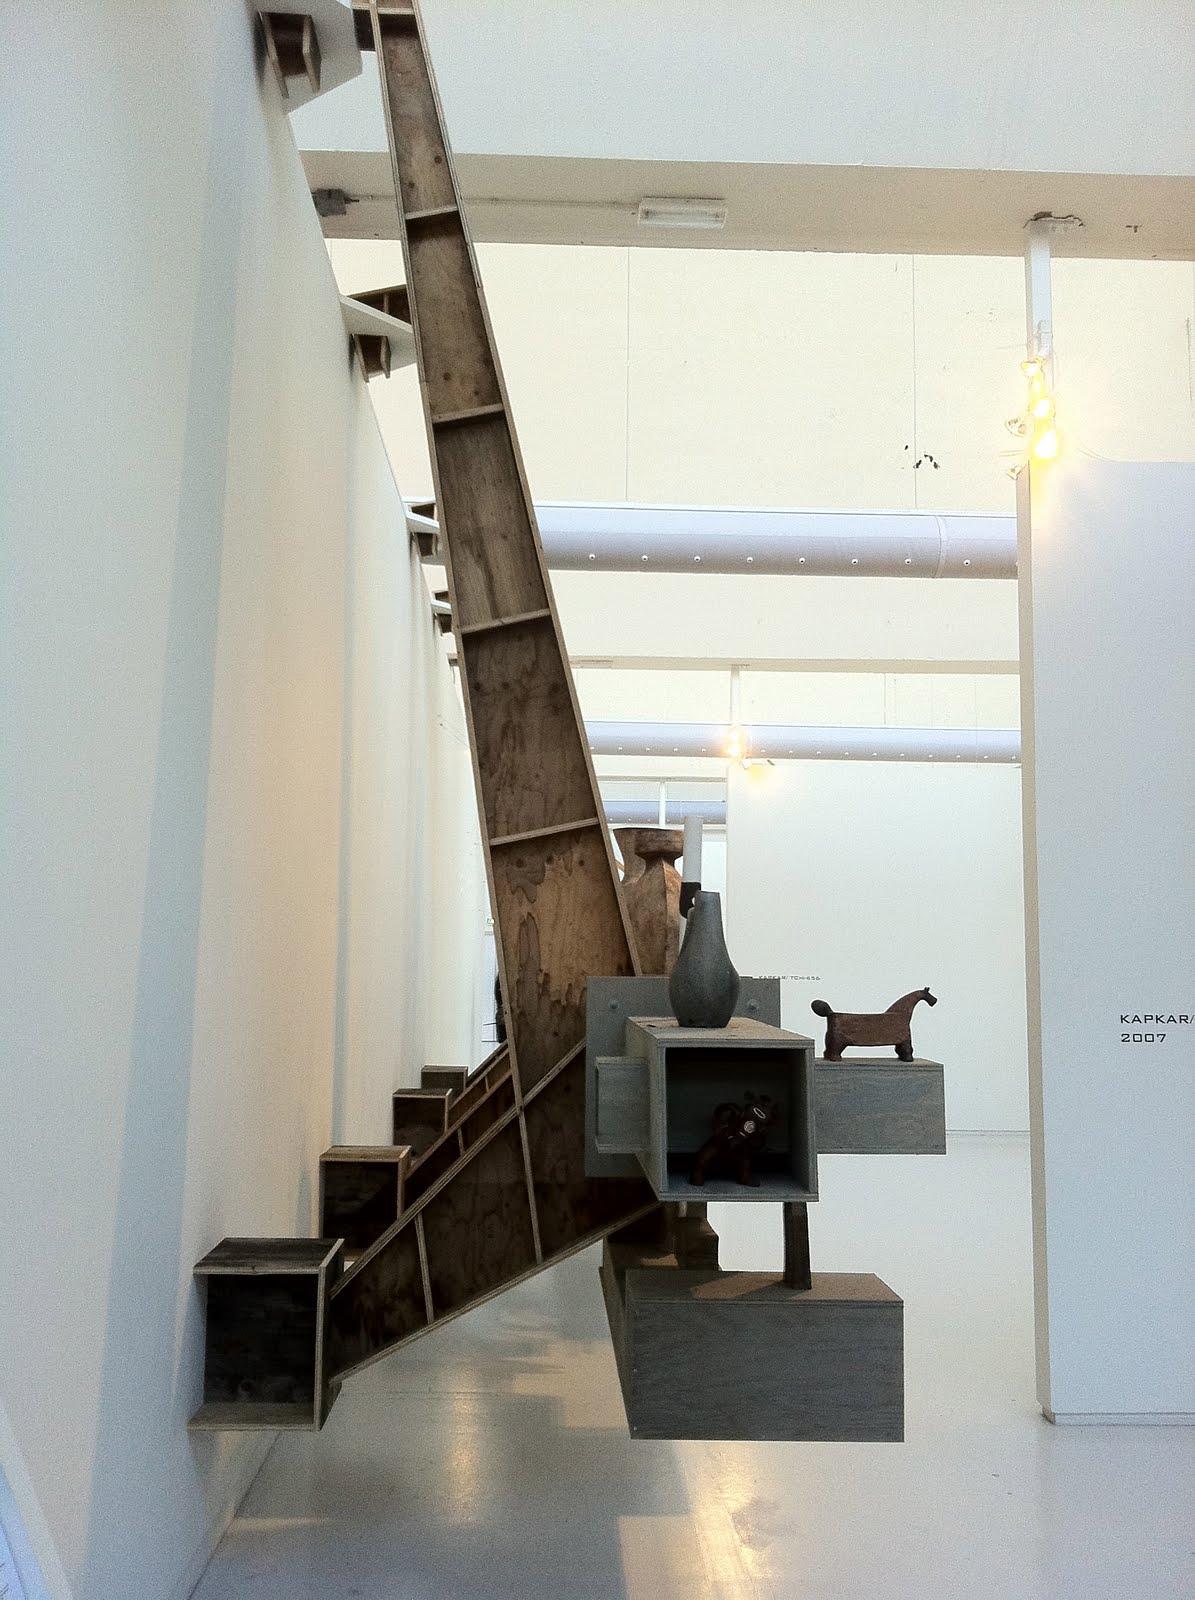 #5D4C3B23667768 Interior And Design Blog:Scholten En Baijings Expo Stedelijk Museum  Van de bovenste plank Design Meubels Museum 2373 beeld 119516002373 Inspiratie